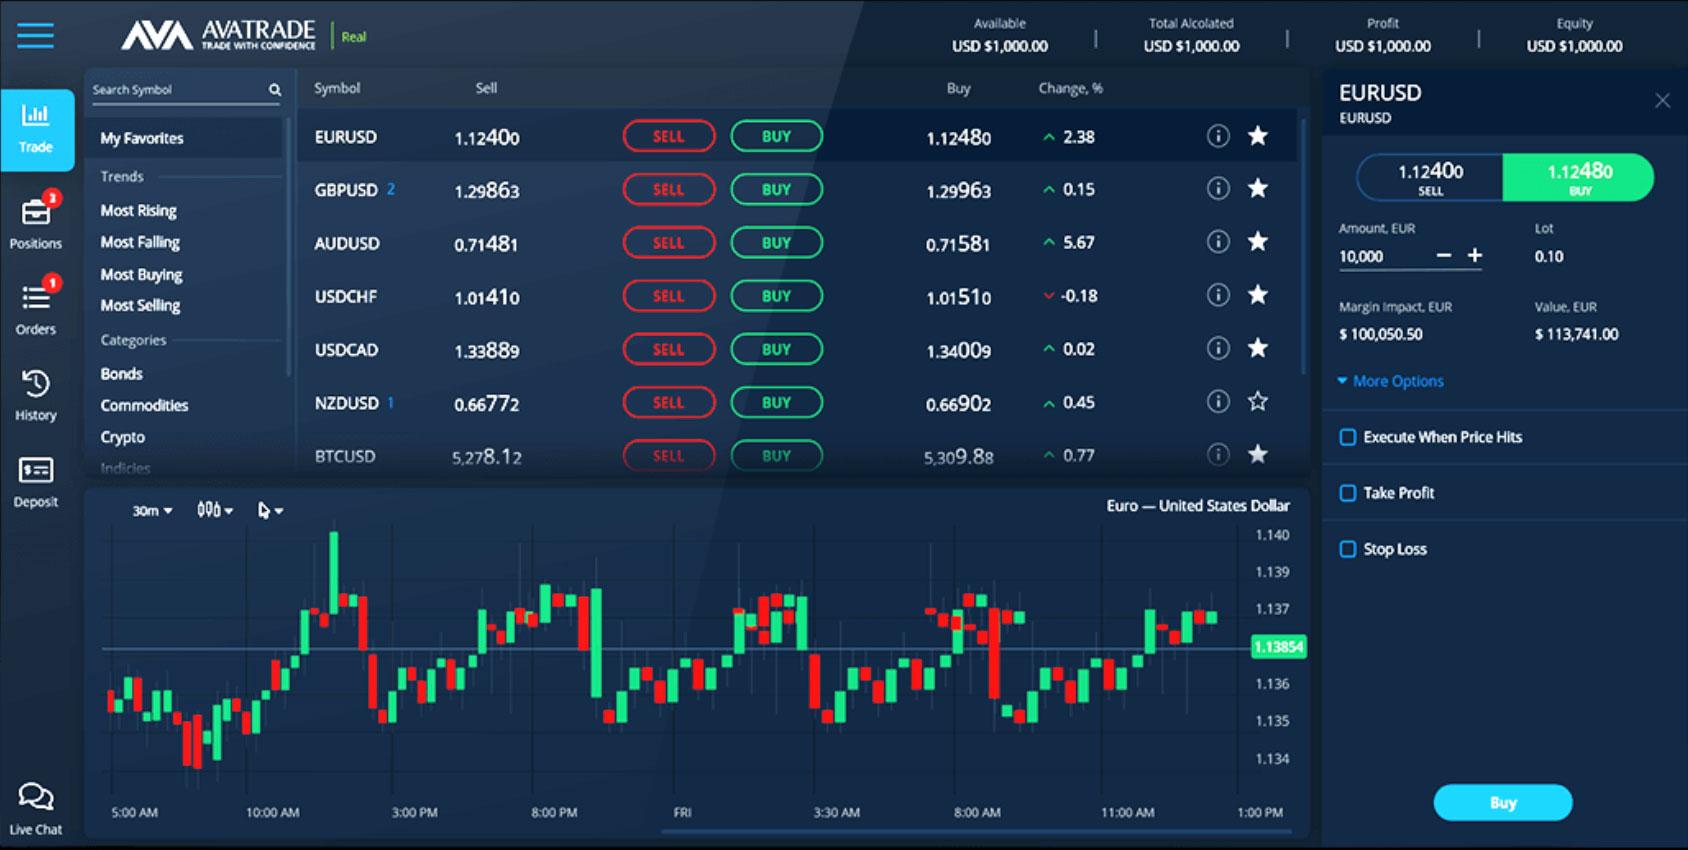 биржа криптовалют avatrade платформа интерфейс